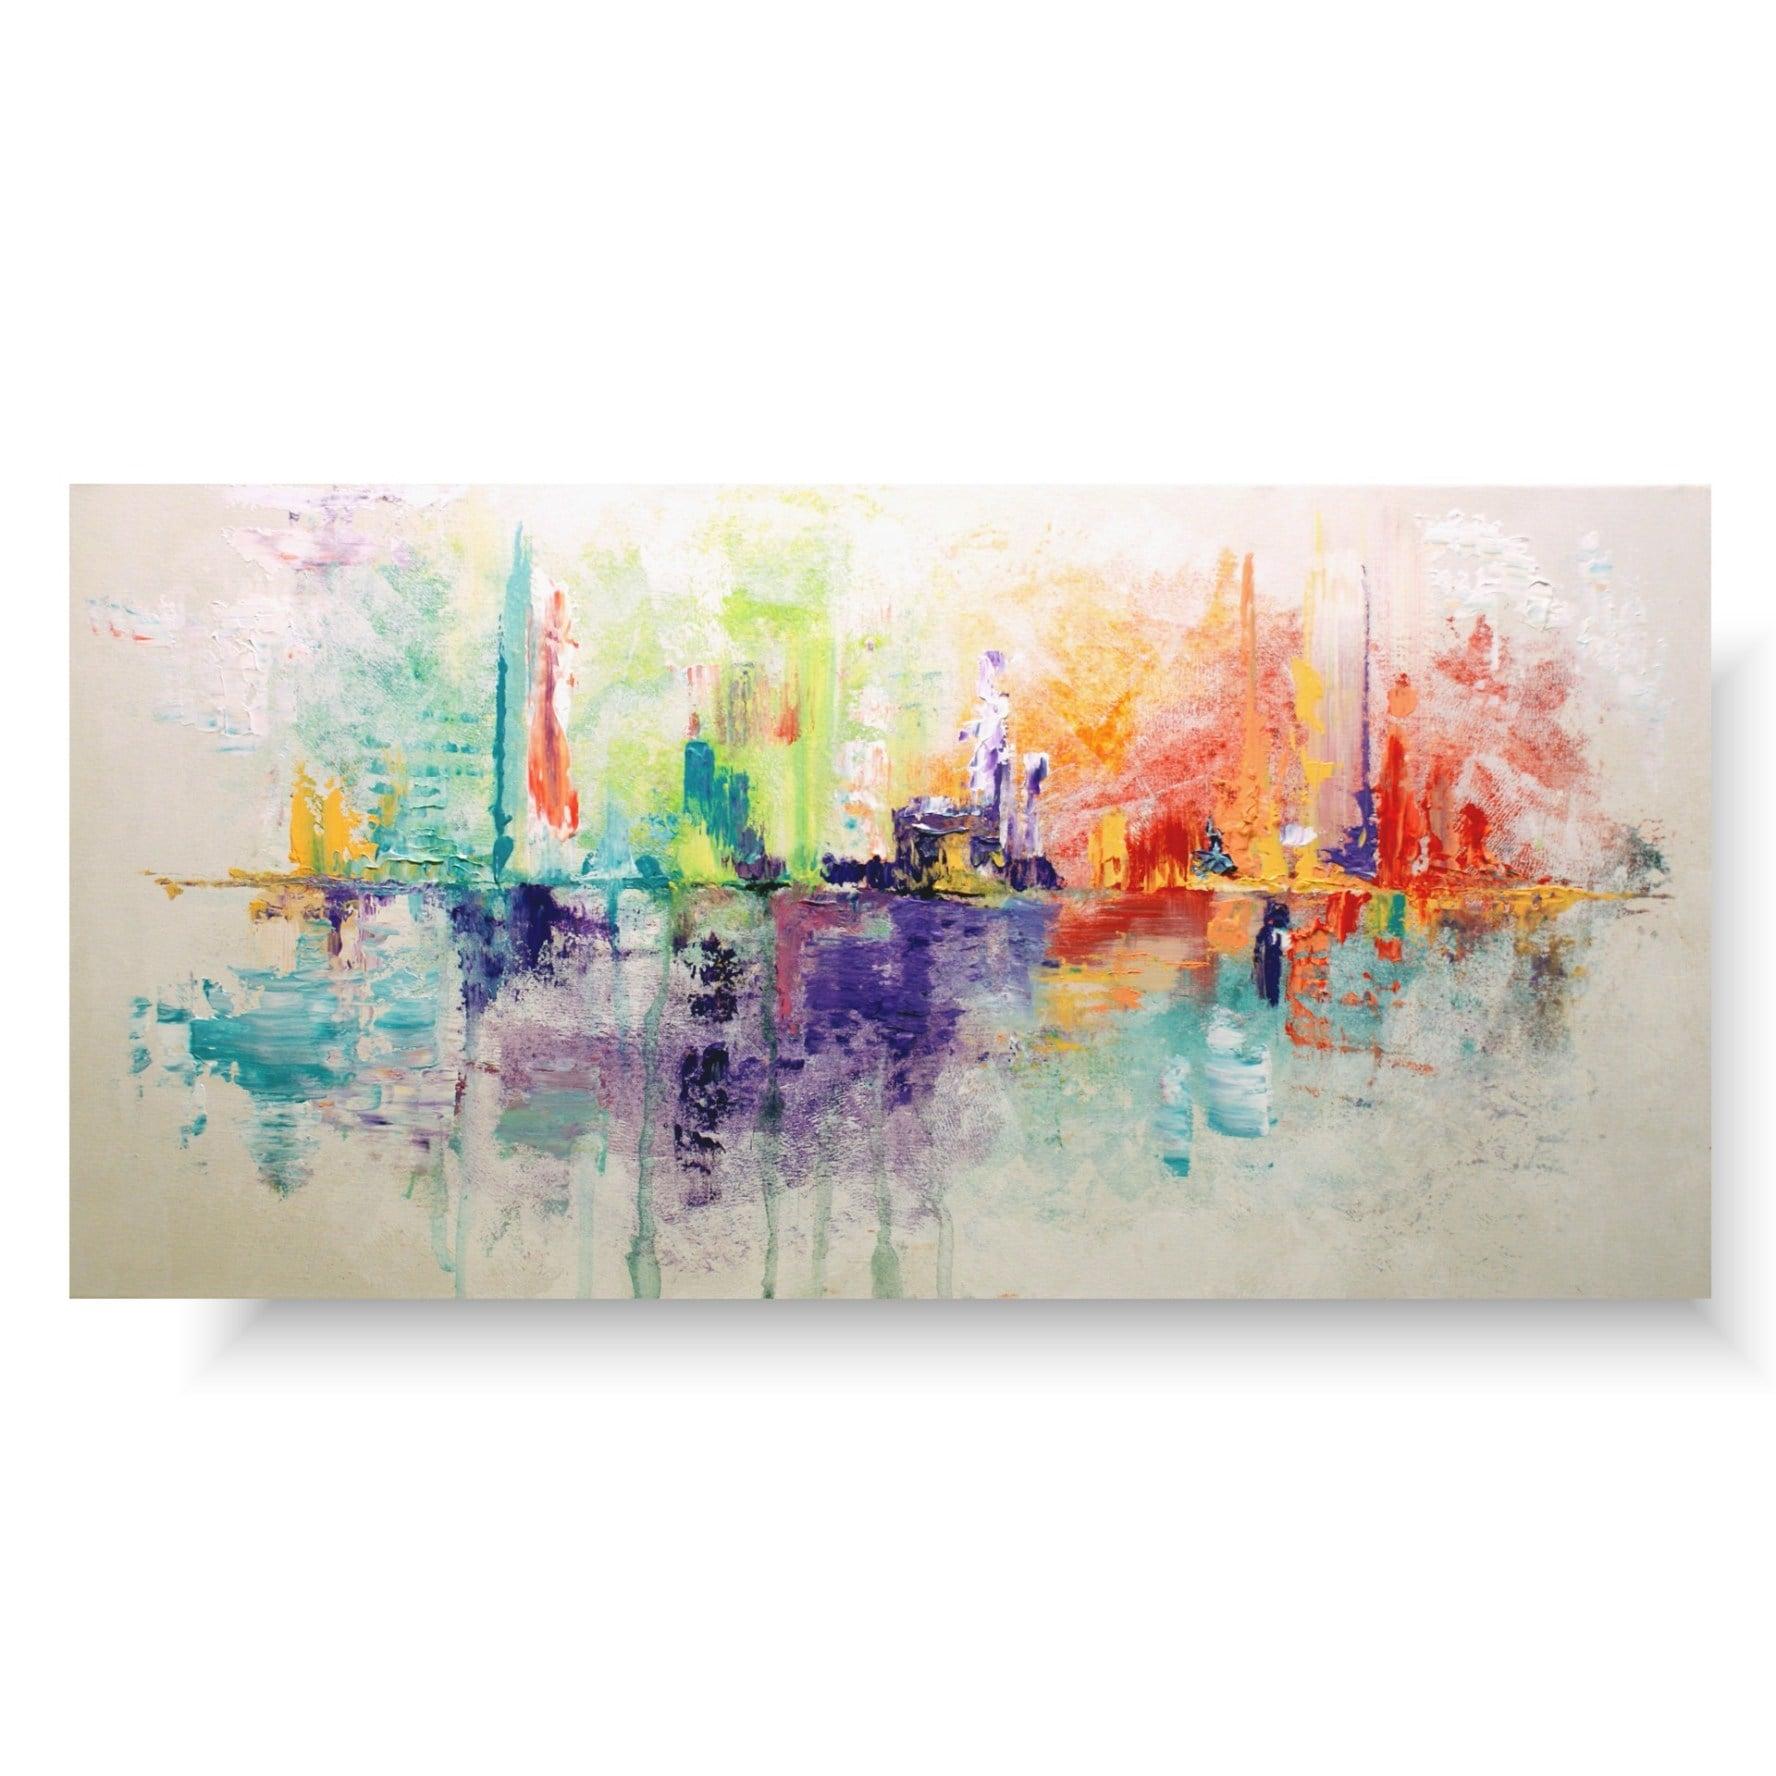 Kolorowa abstrakcja delikatna radość 1454A